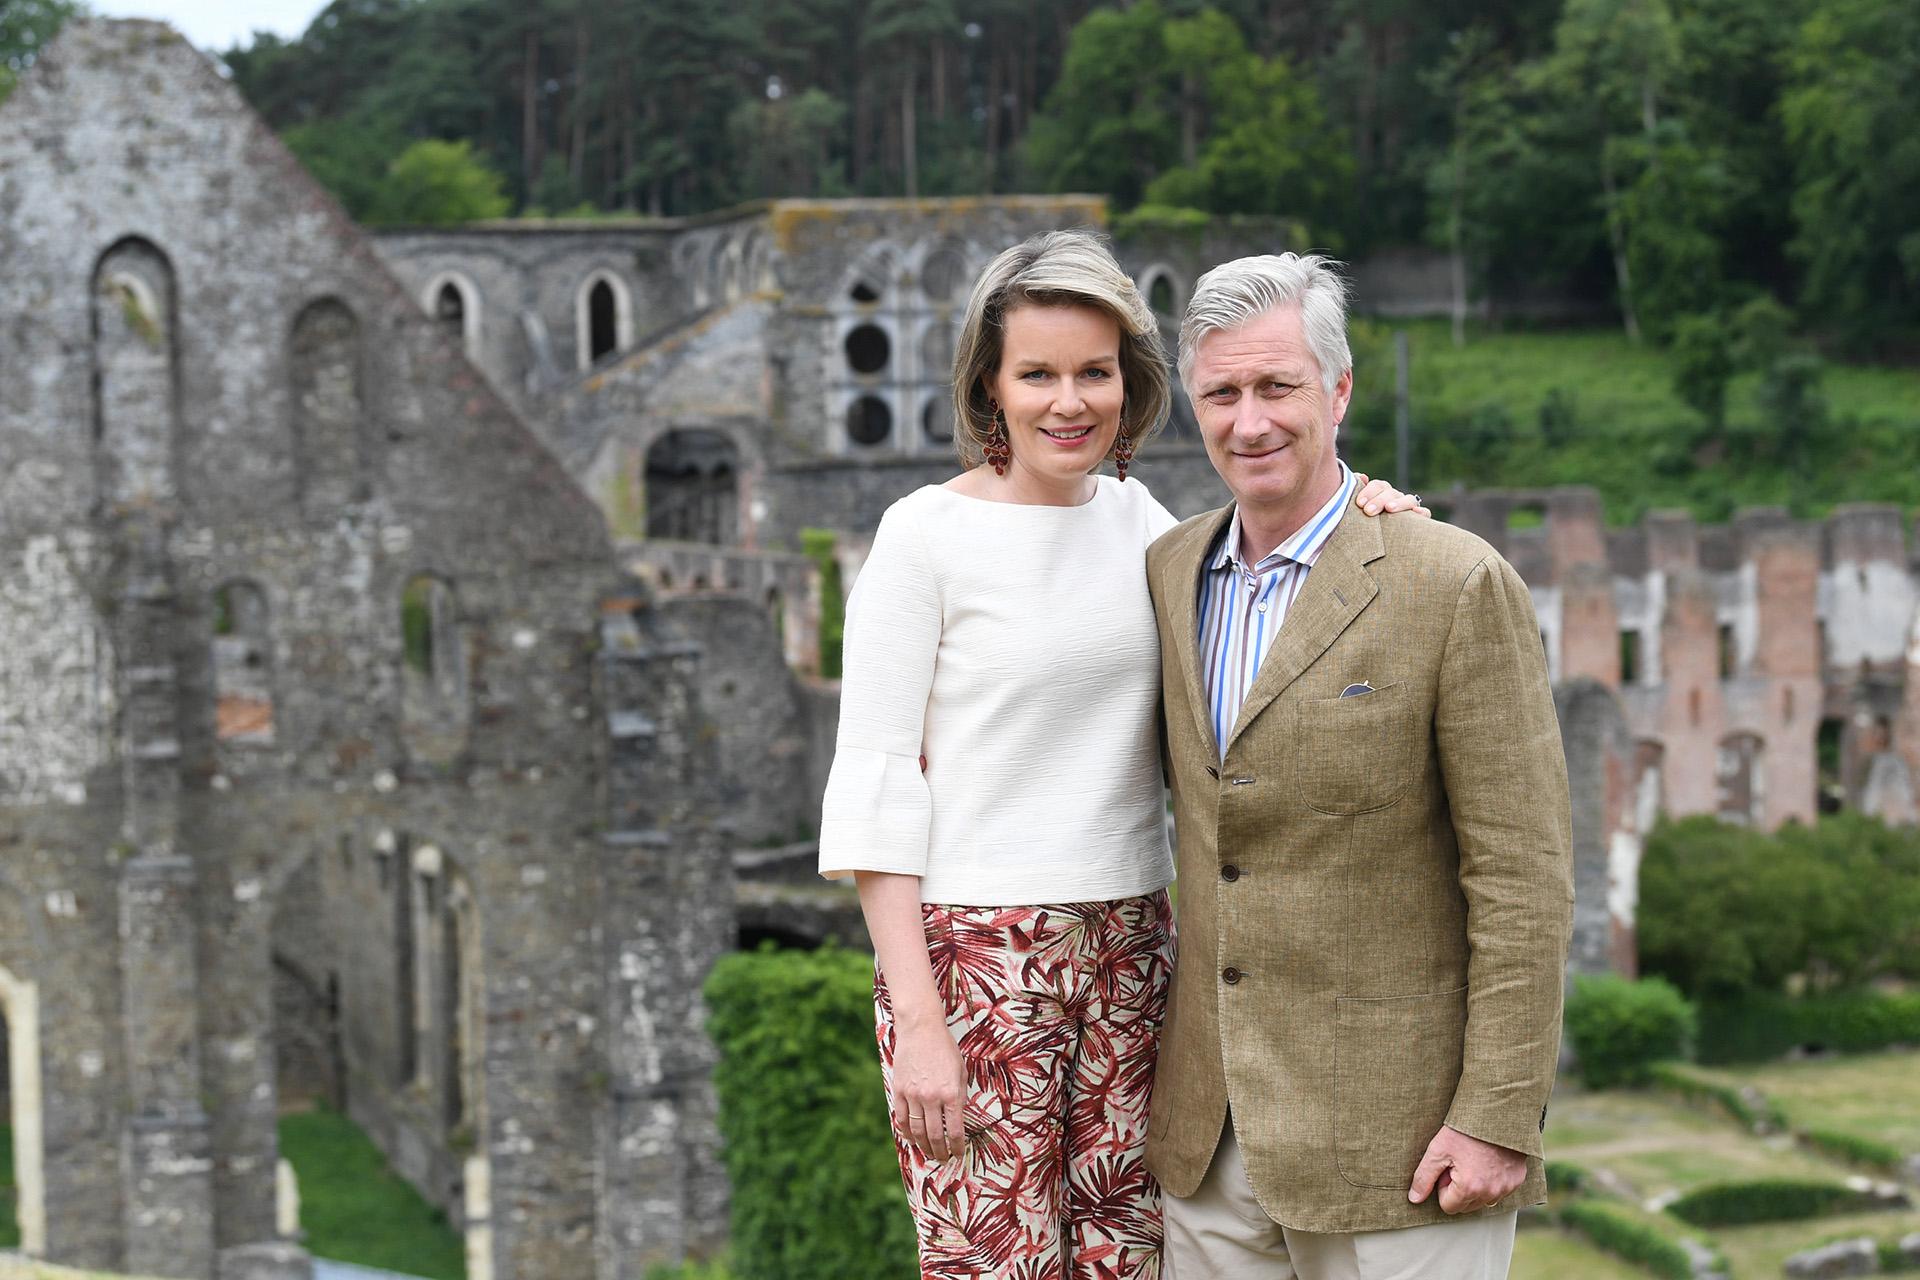 Philippe de Bélgica, de 58 años, llegó al trono en 2013, tras la abdicación de su padre Alberto II